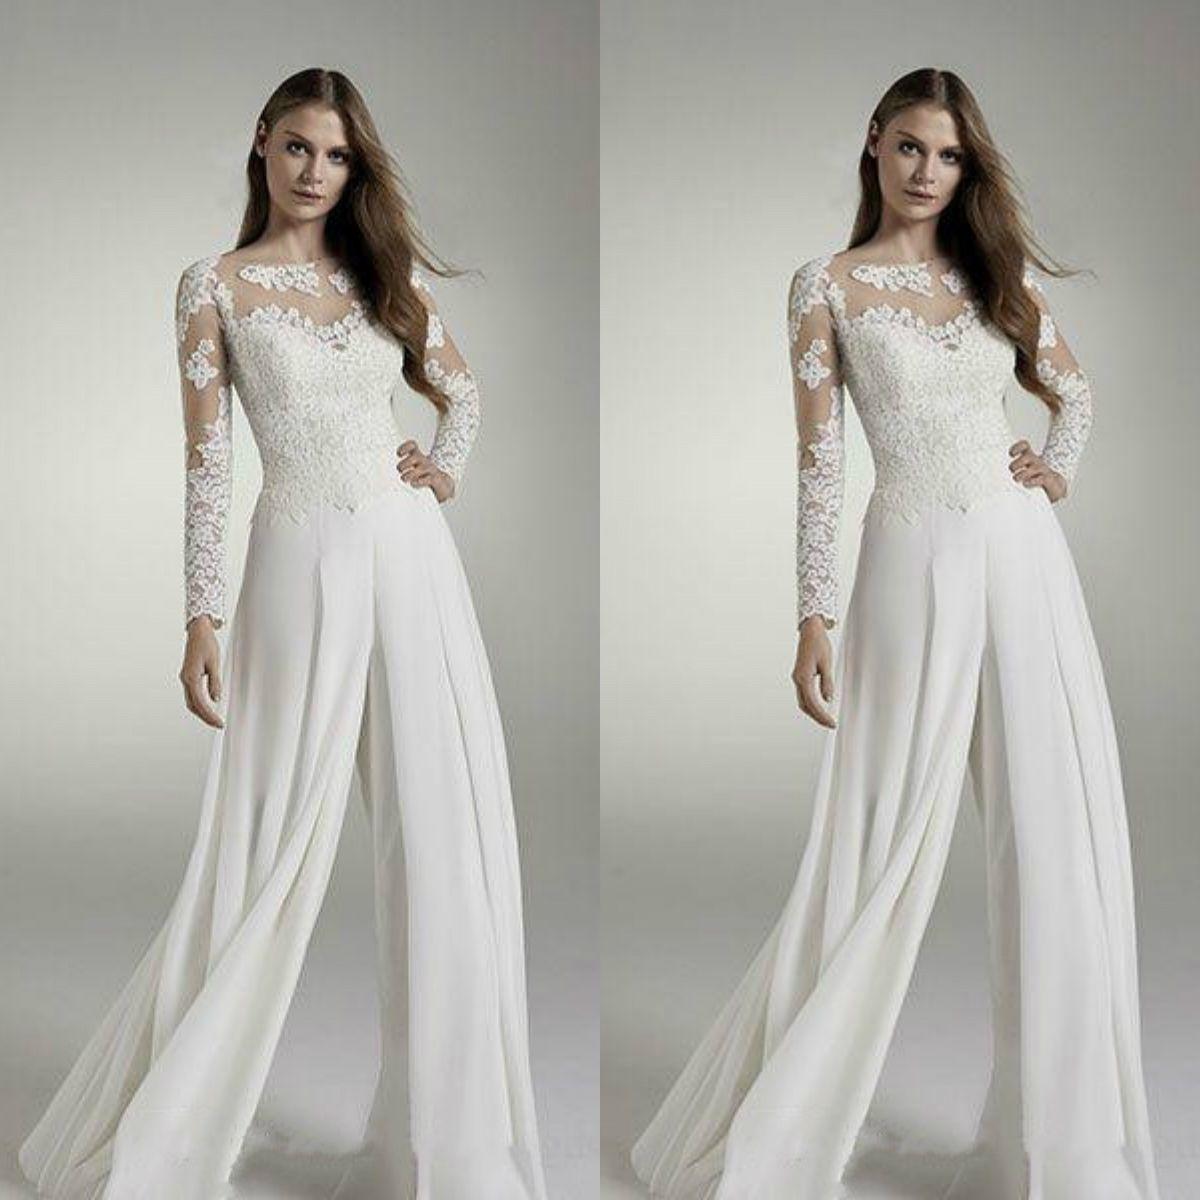 Designer Wedding Gowns Cheap: Zuhair Murad Jumpsuits 2019 Wedding Dresses Long Sleeve